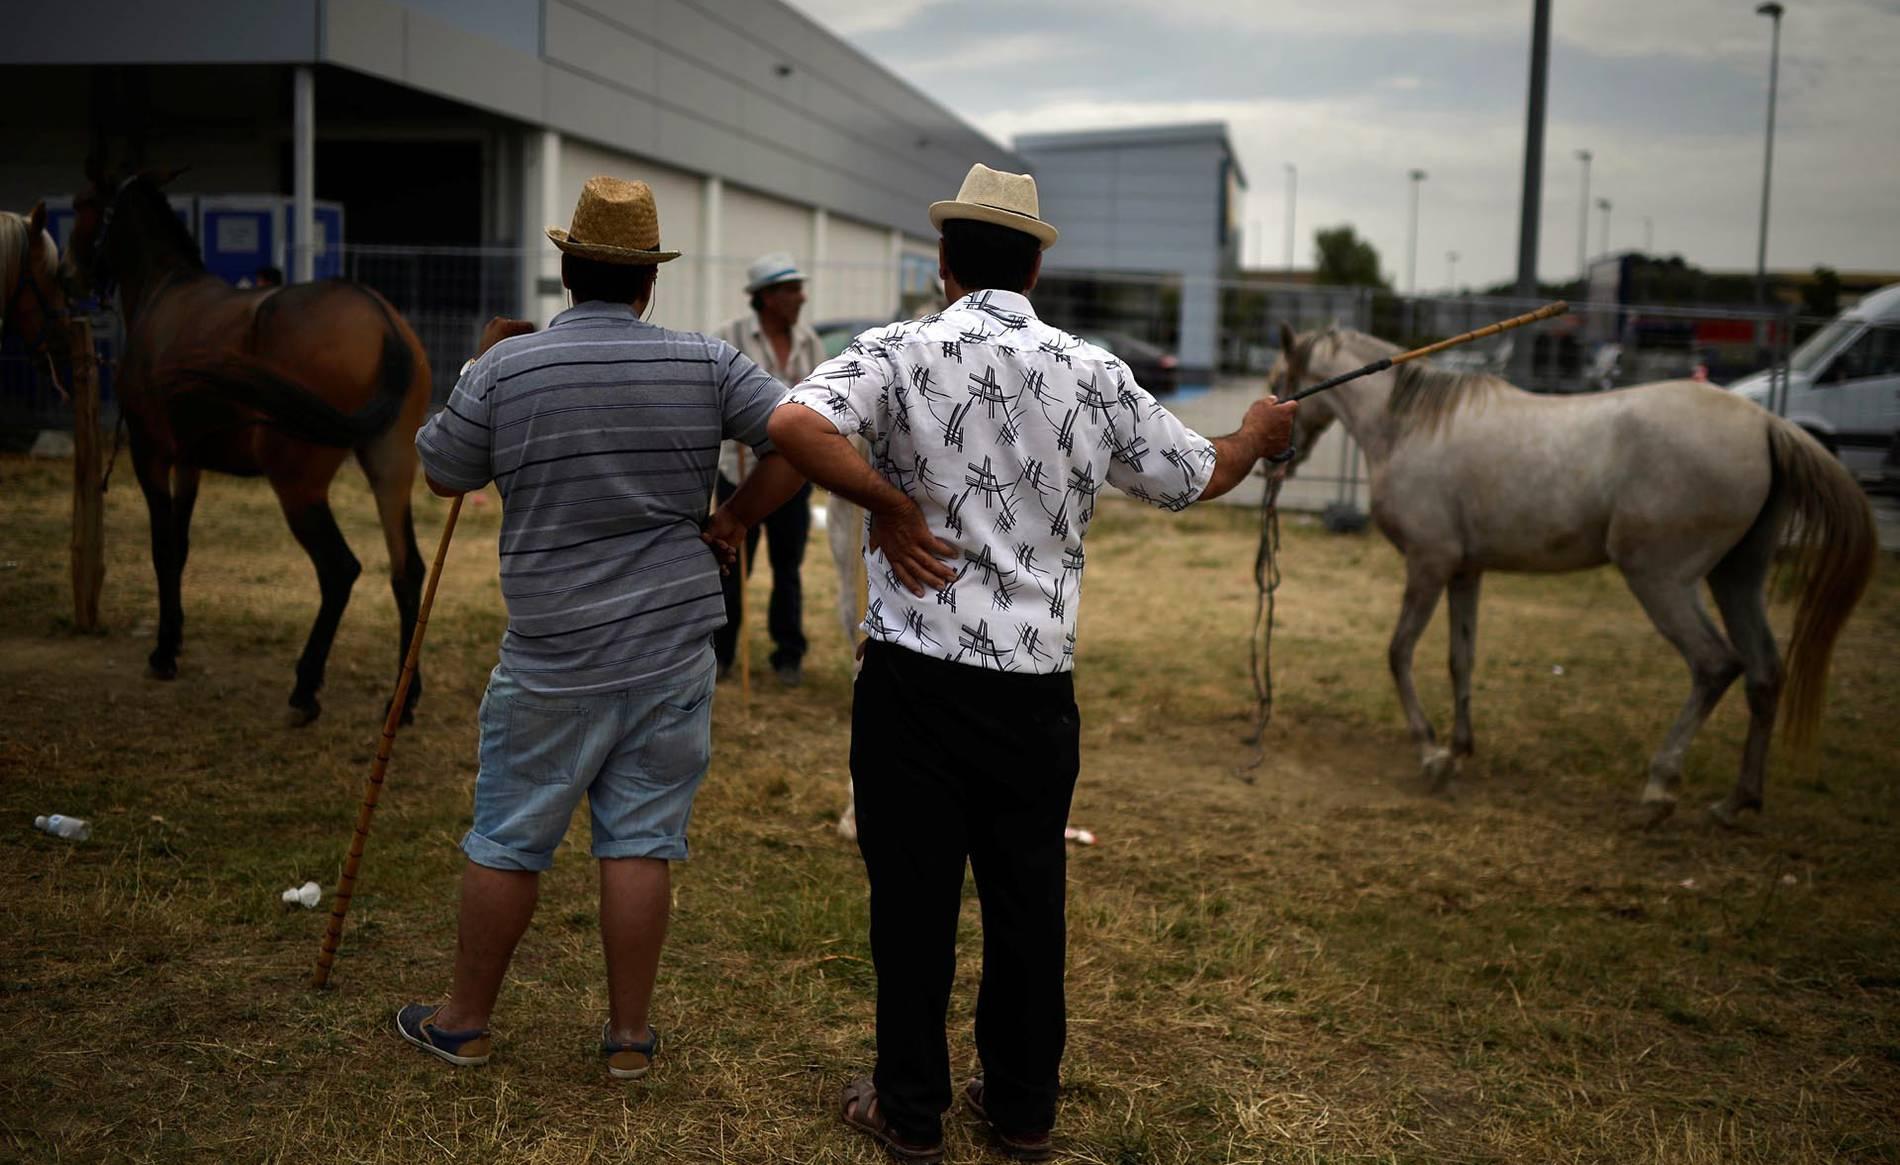 Feria de ganado equino de San Fermín (1/6) - Fotos de la feria de ganado equino que se celebra todos los años el día 7 de julio, San Fermín. - San Fermín -